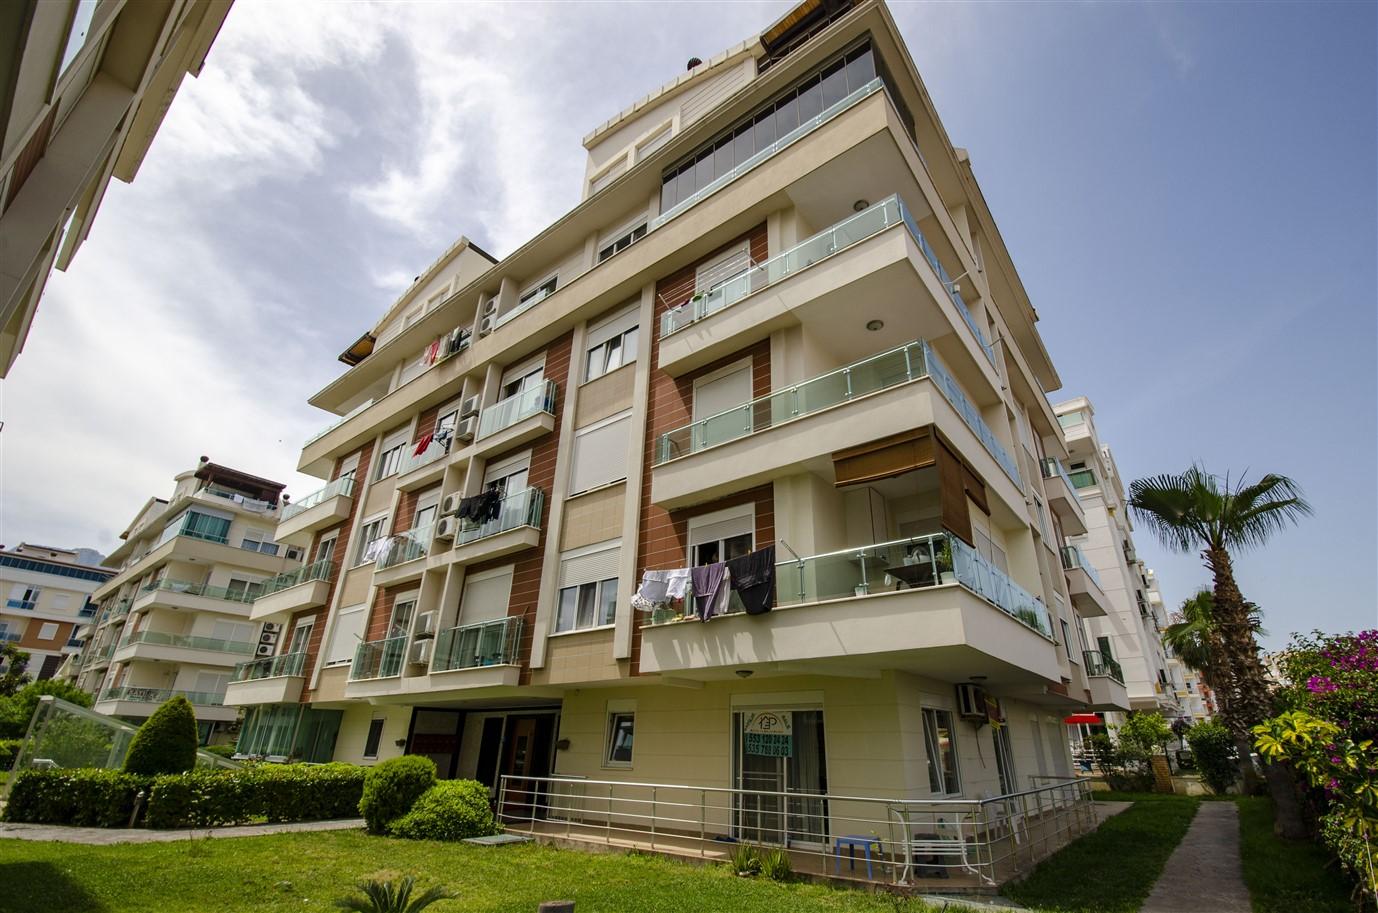 Трёхкомнатная квартира в микрорайоне Лиман - Анталья - Фото 13